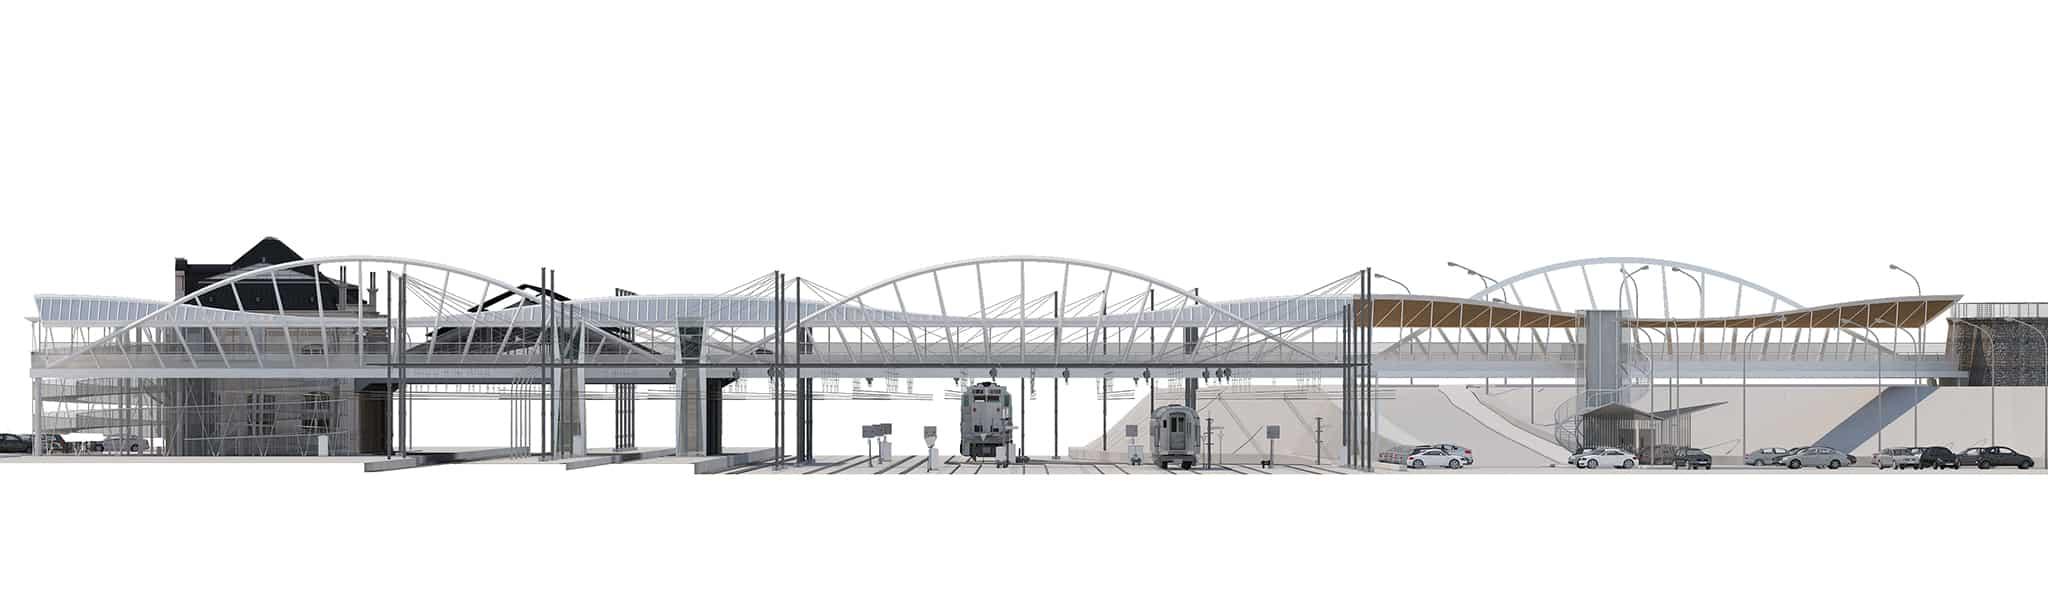 B+M Architecture - Elévation concours